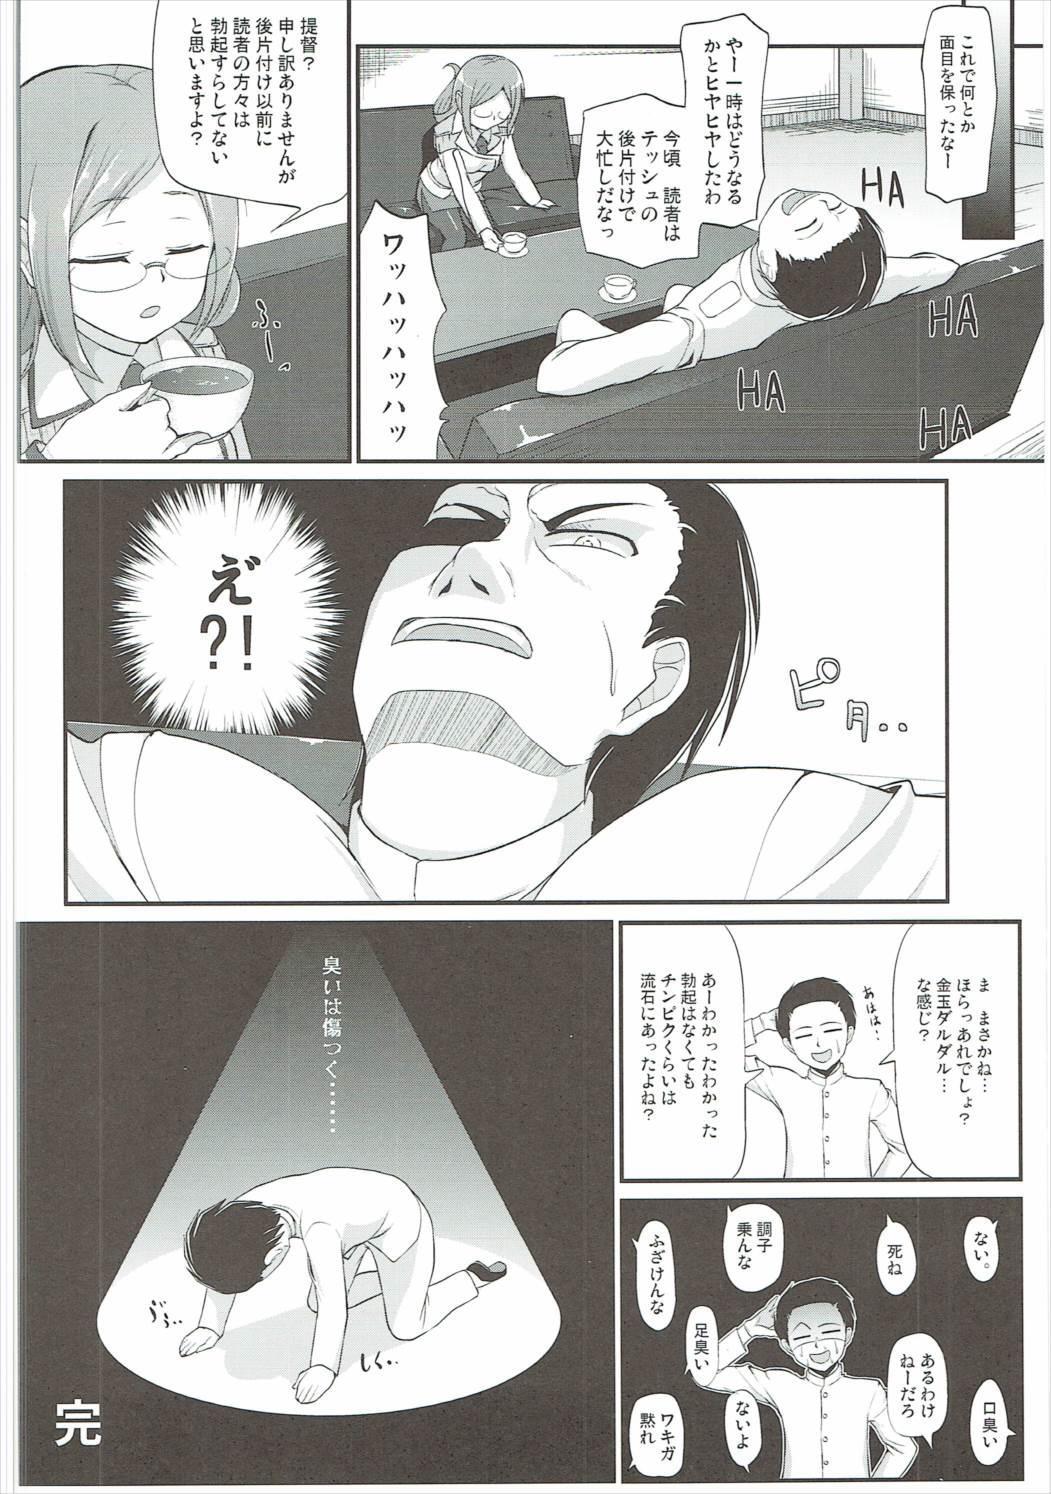 Renjun no Tsukaimichi 20